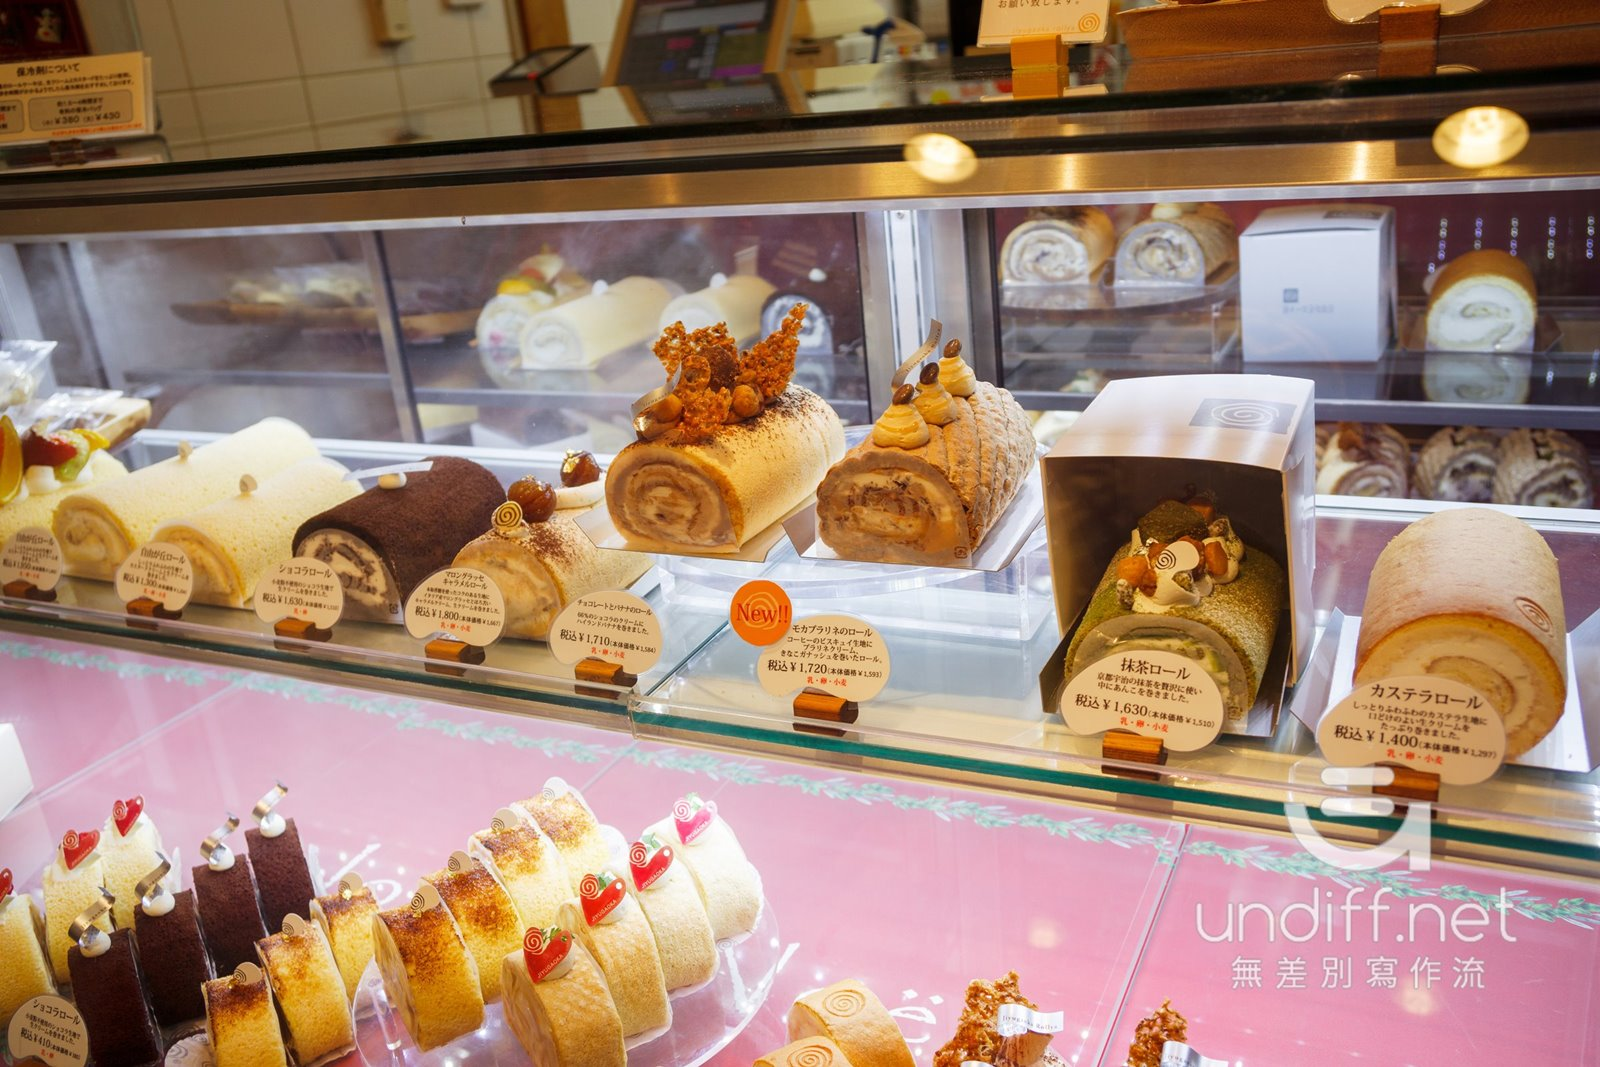 【東京美食】自由之丘 ロール屋 》樸實就很好吃的瑞士蛋糕捲專賣店 14